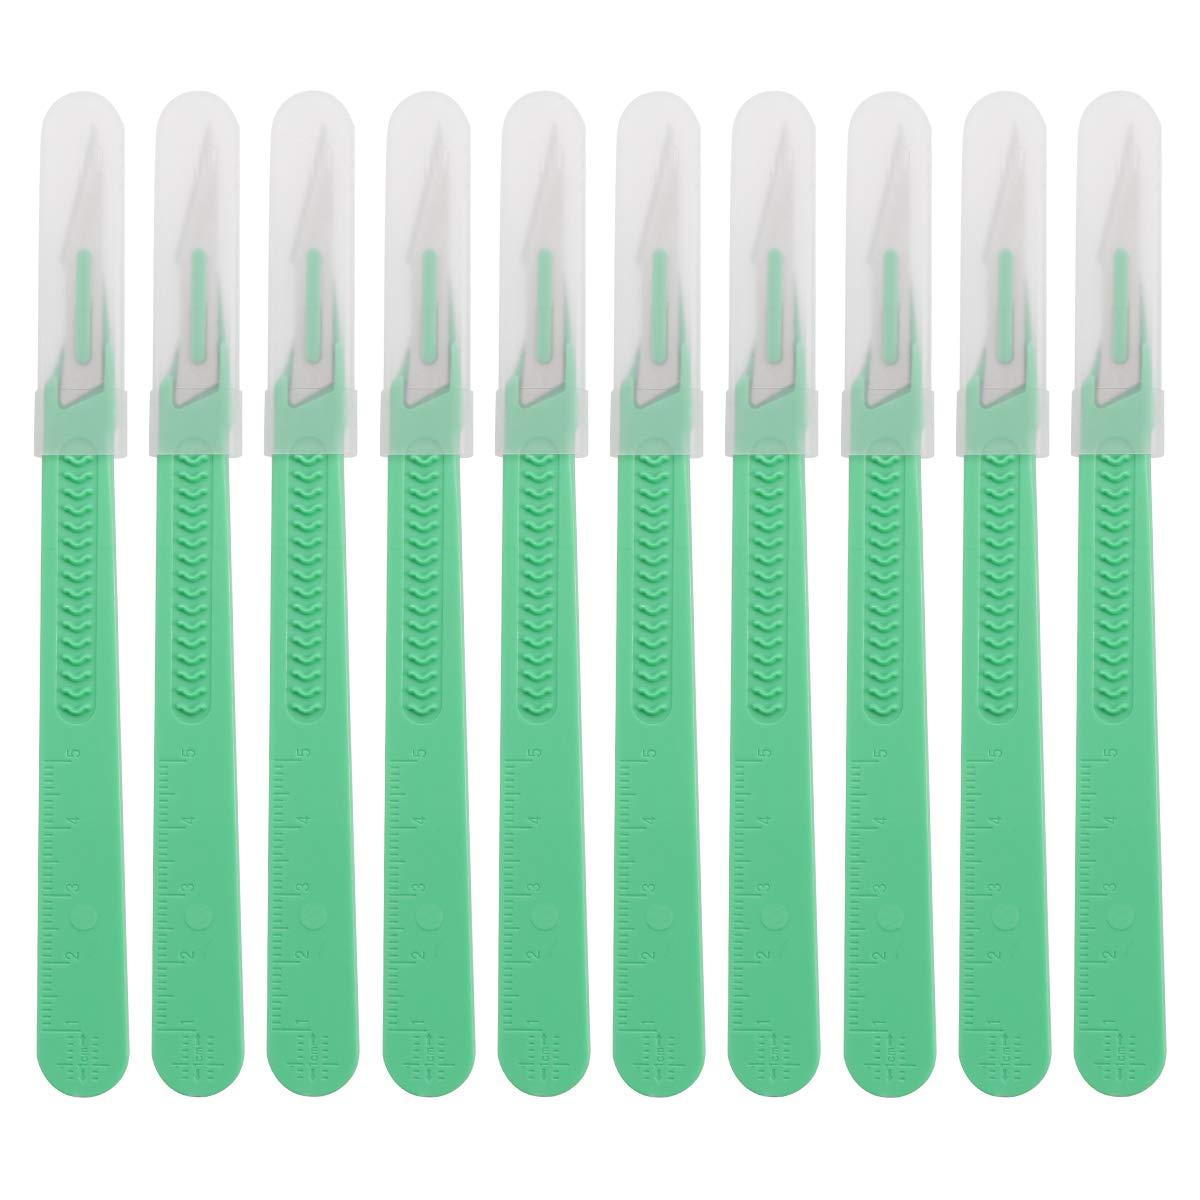 UKCOCO 10 piezas desechables de plástico cuchillo quirúrgico bisturí multifunción Scrapbooking artesanía herramientas cuchillo de talla (SS-1)